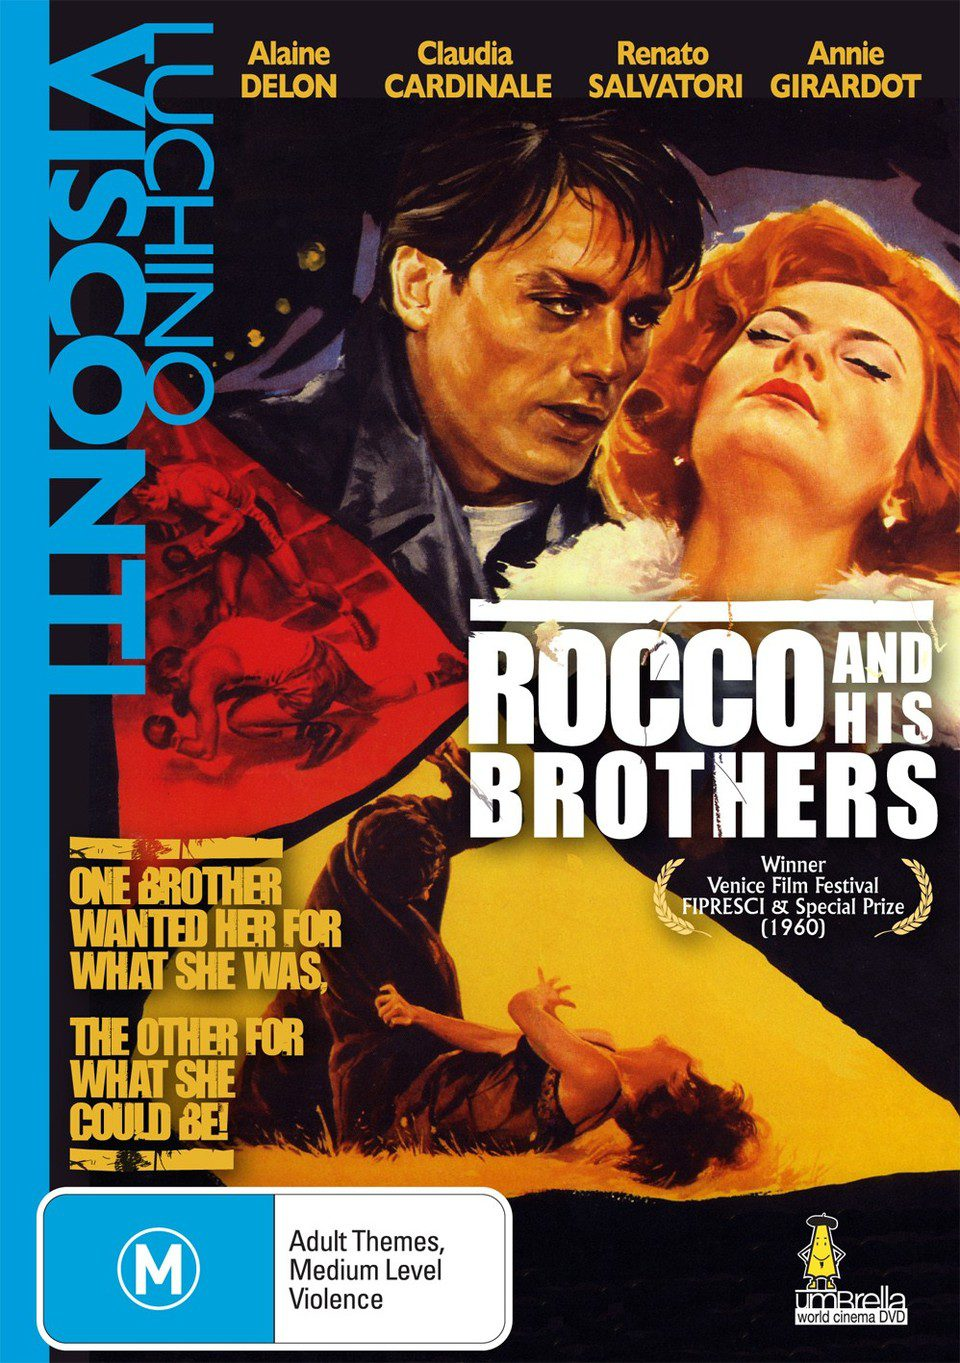 Cartel Australia de 'Rocco y sus hermanos'